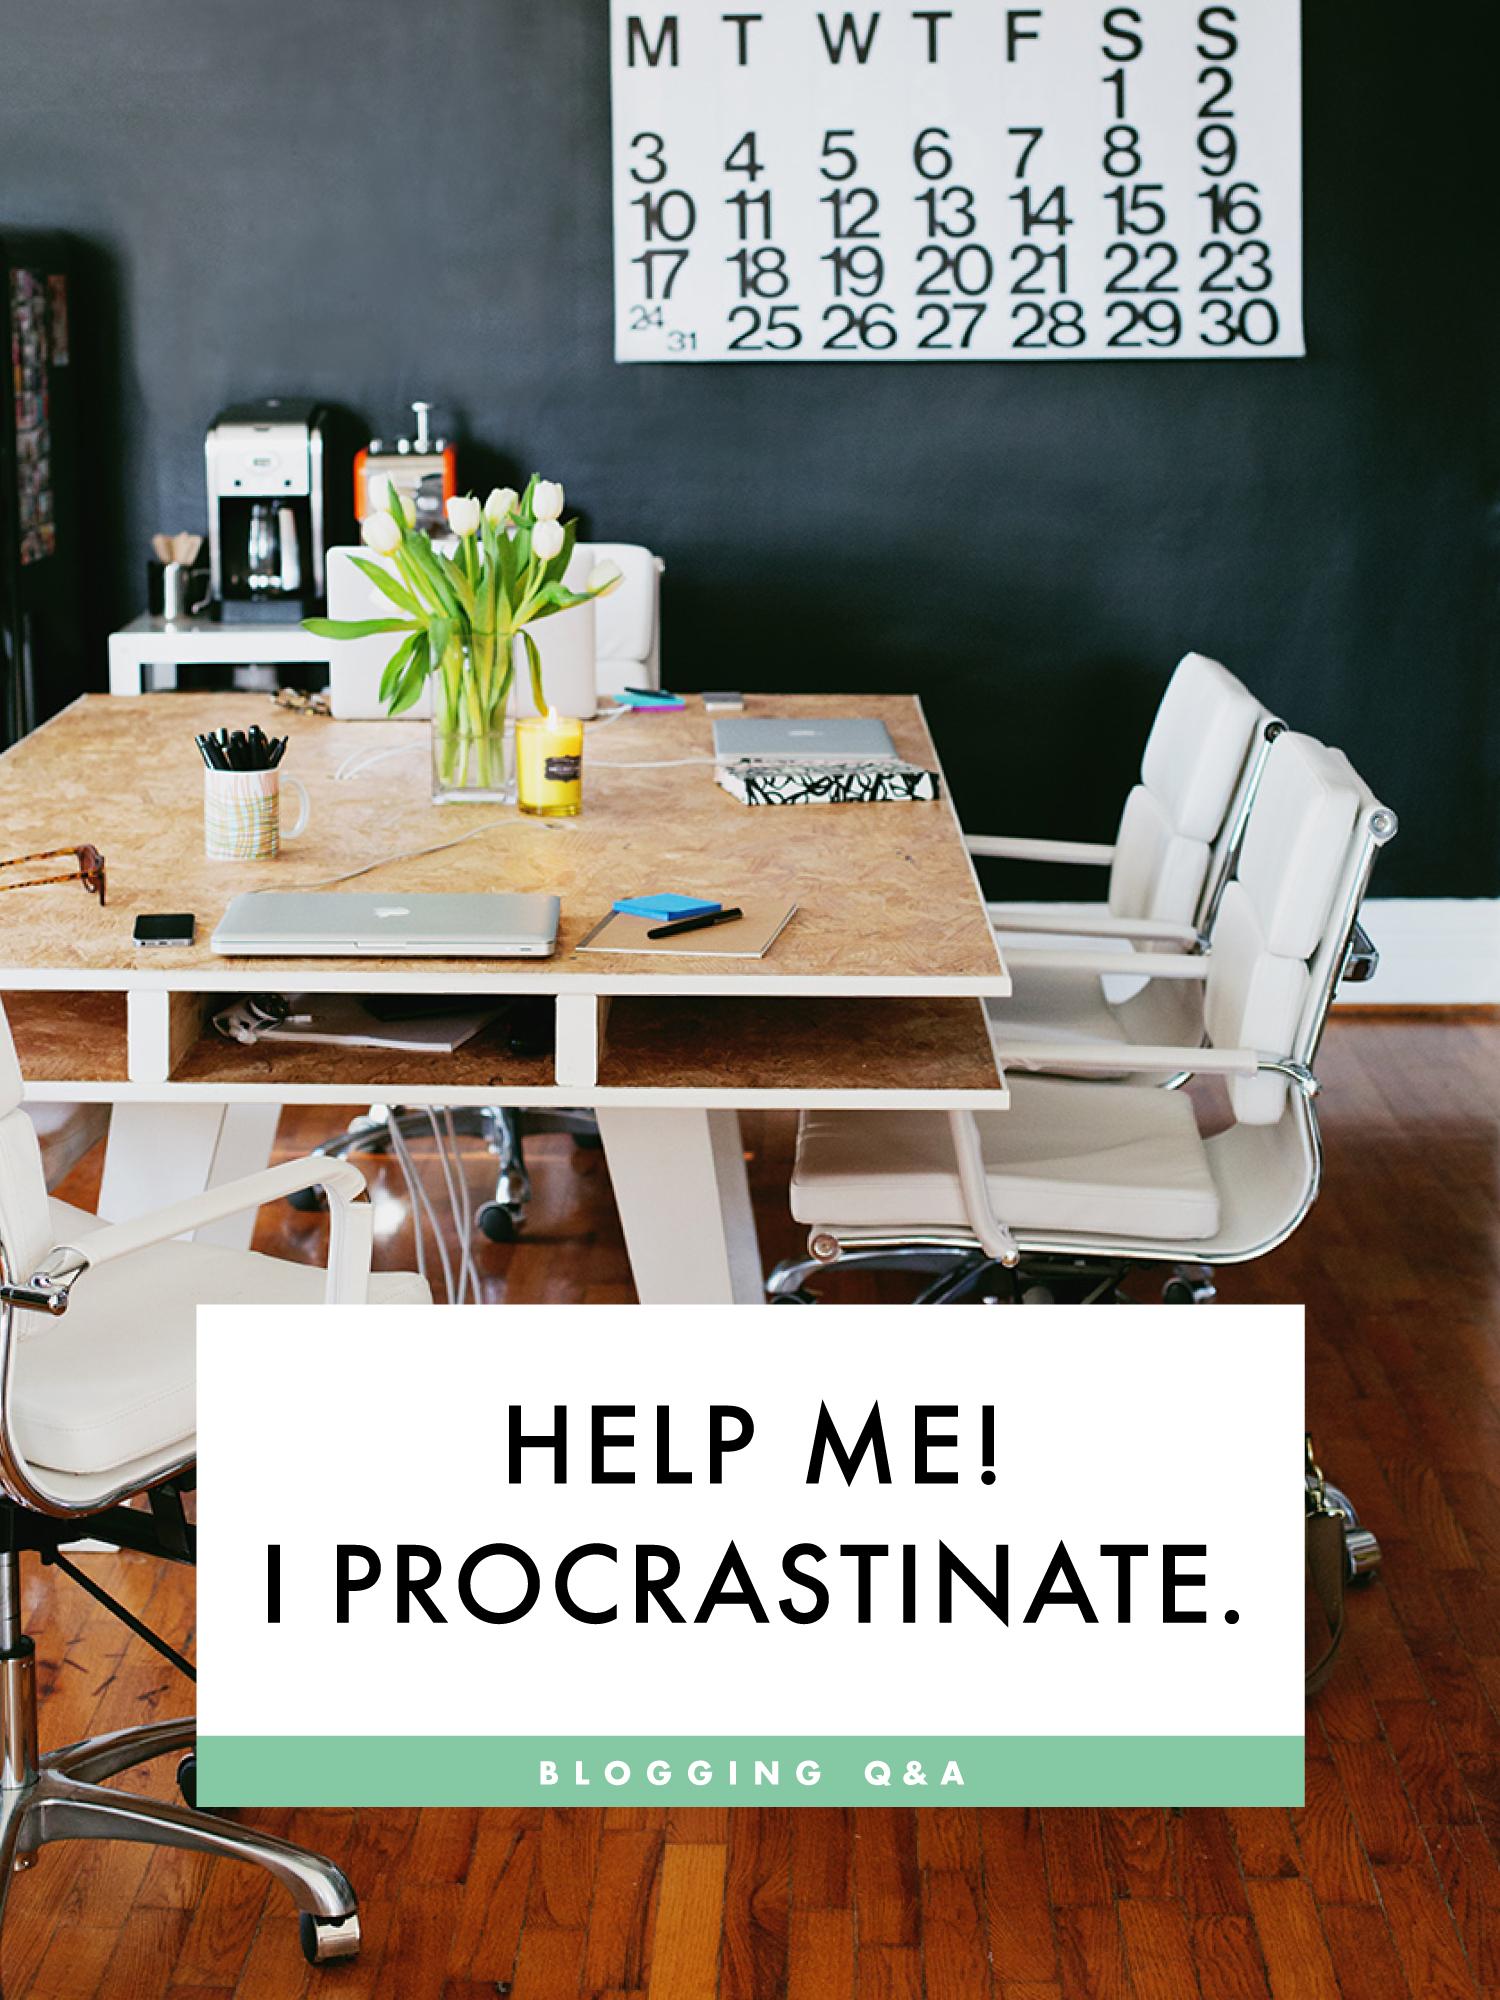 Tips to avoid procrasination